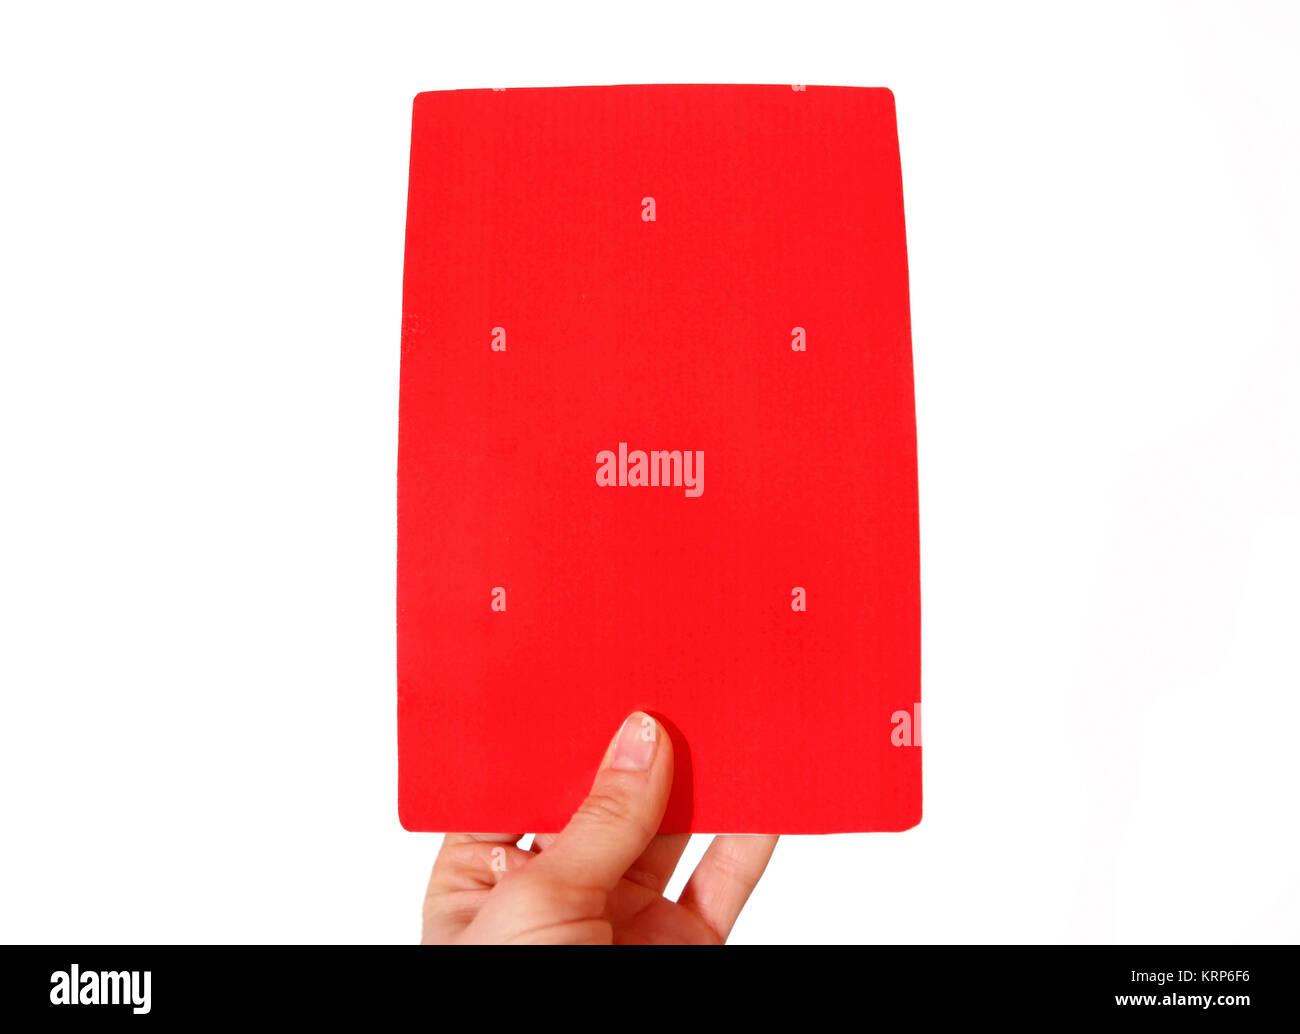 Rote Karte - scheda rossa Immagini Stock